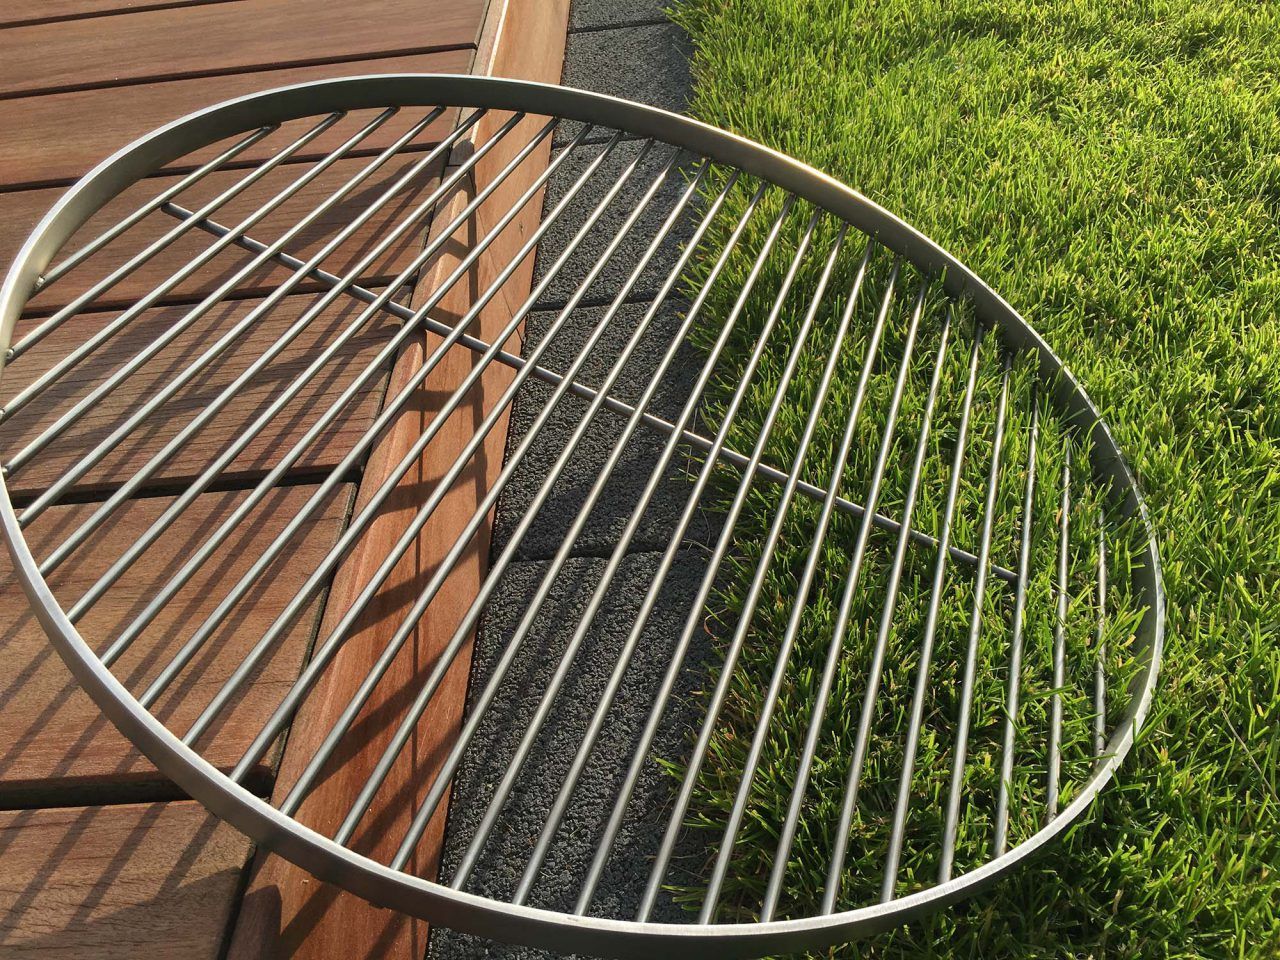 grillrost gusseisen oder edelstahl. Black Bedroom Furniture Sets. Home Design Ideas